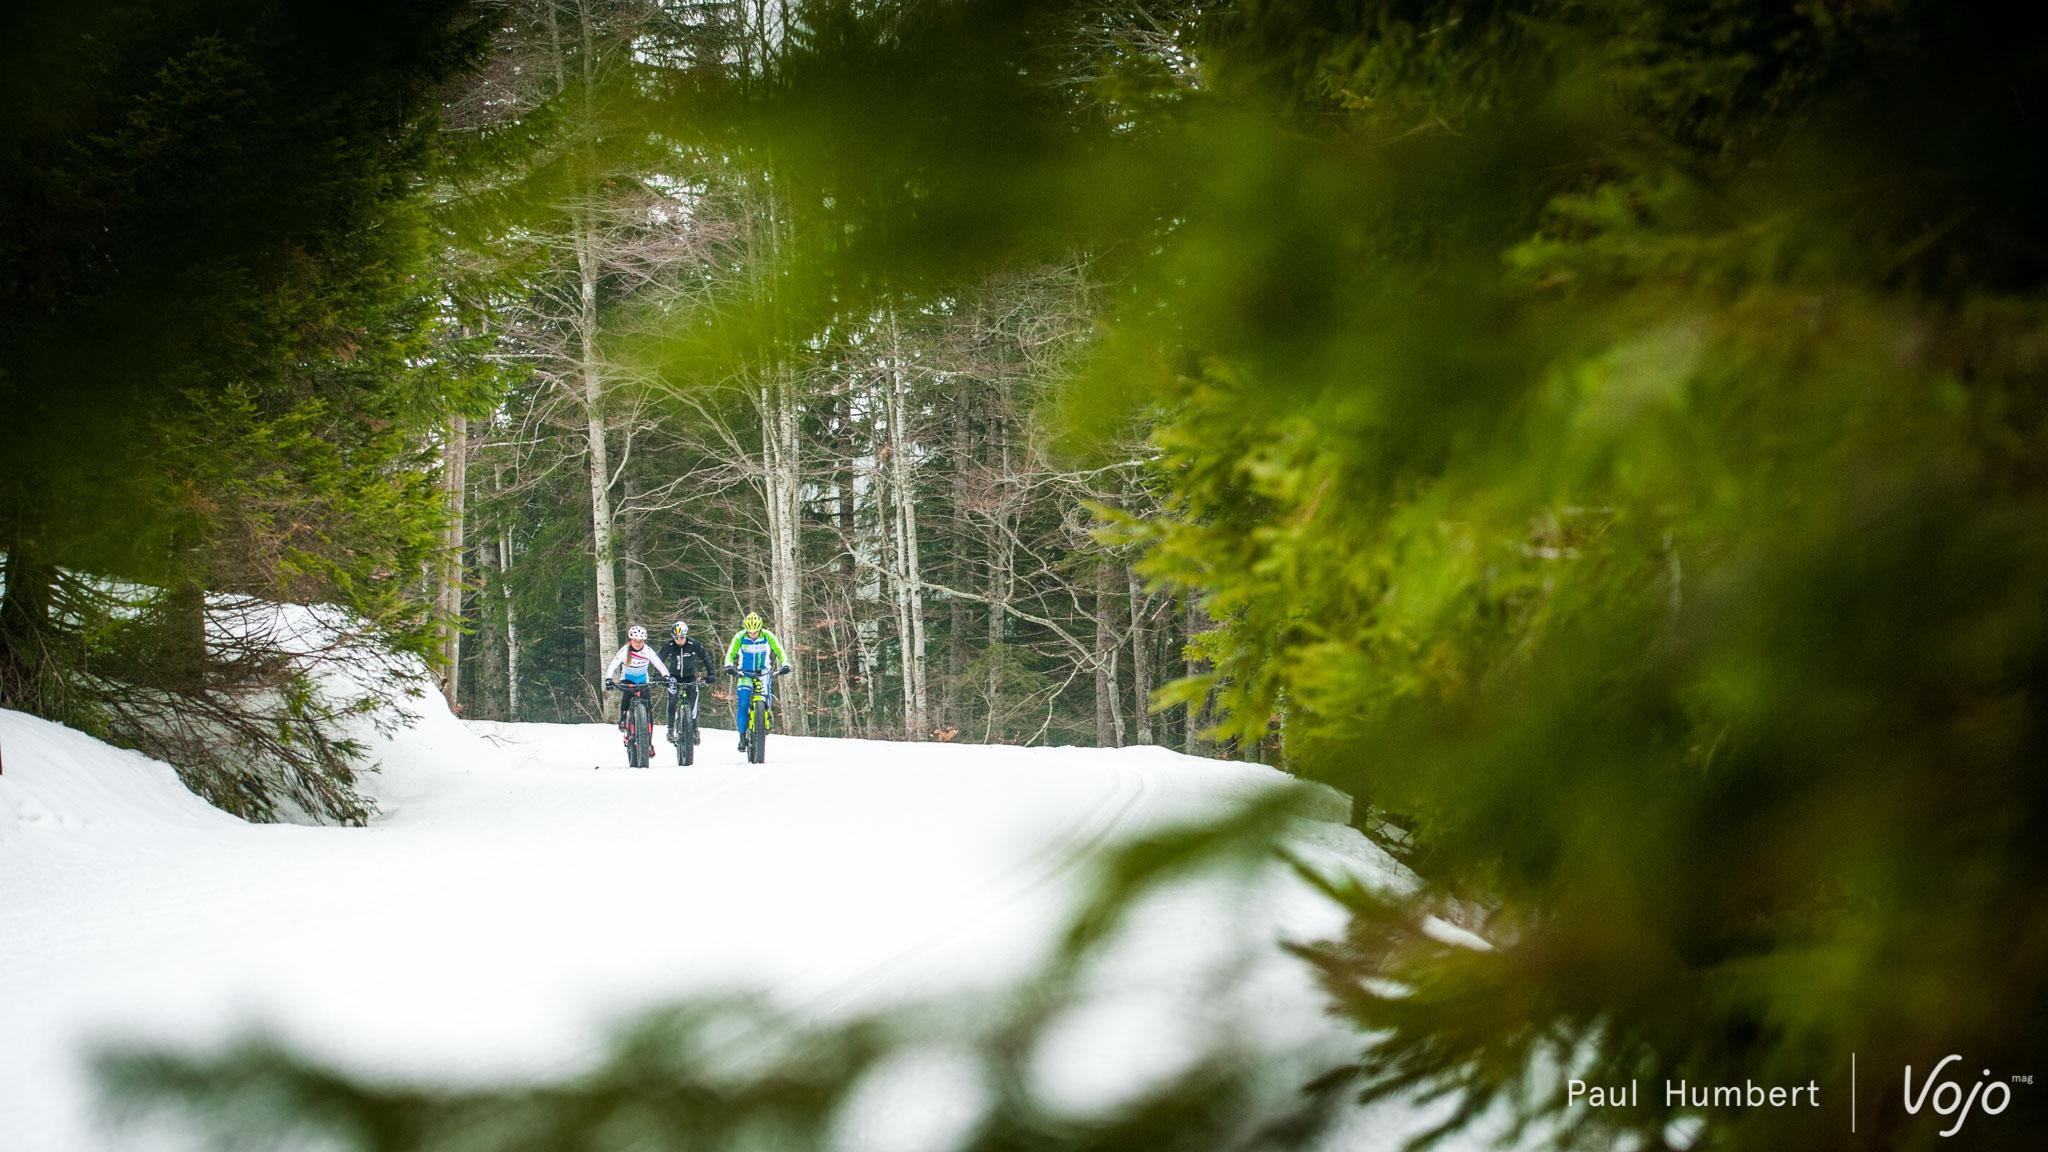 la-forestière-vojo-2016-paul-humbert-2